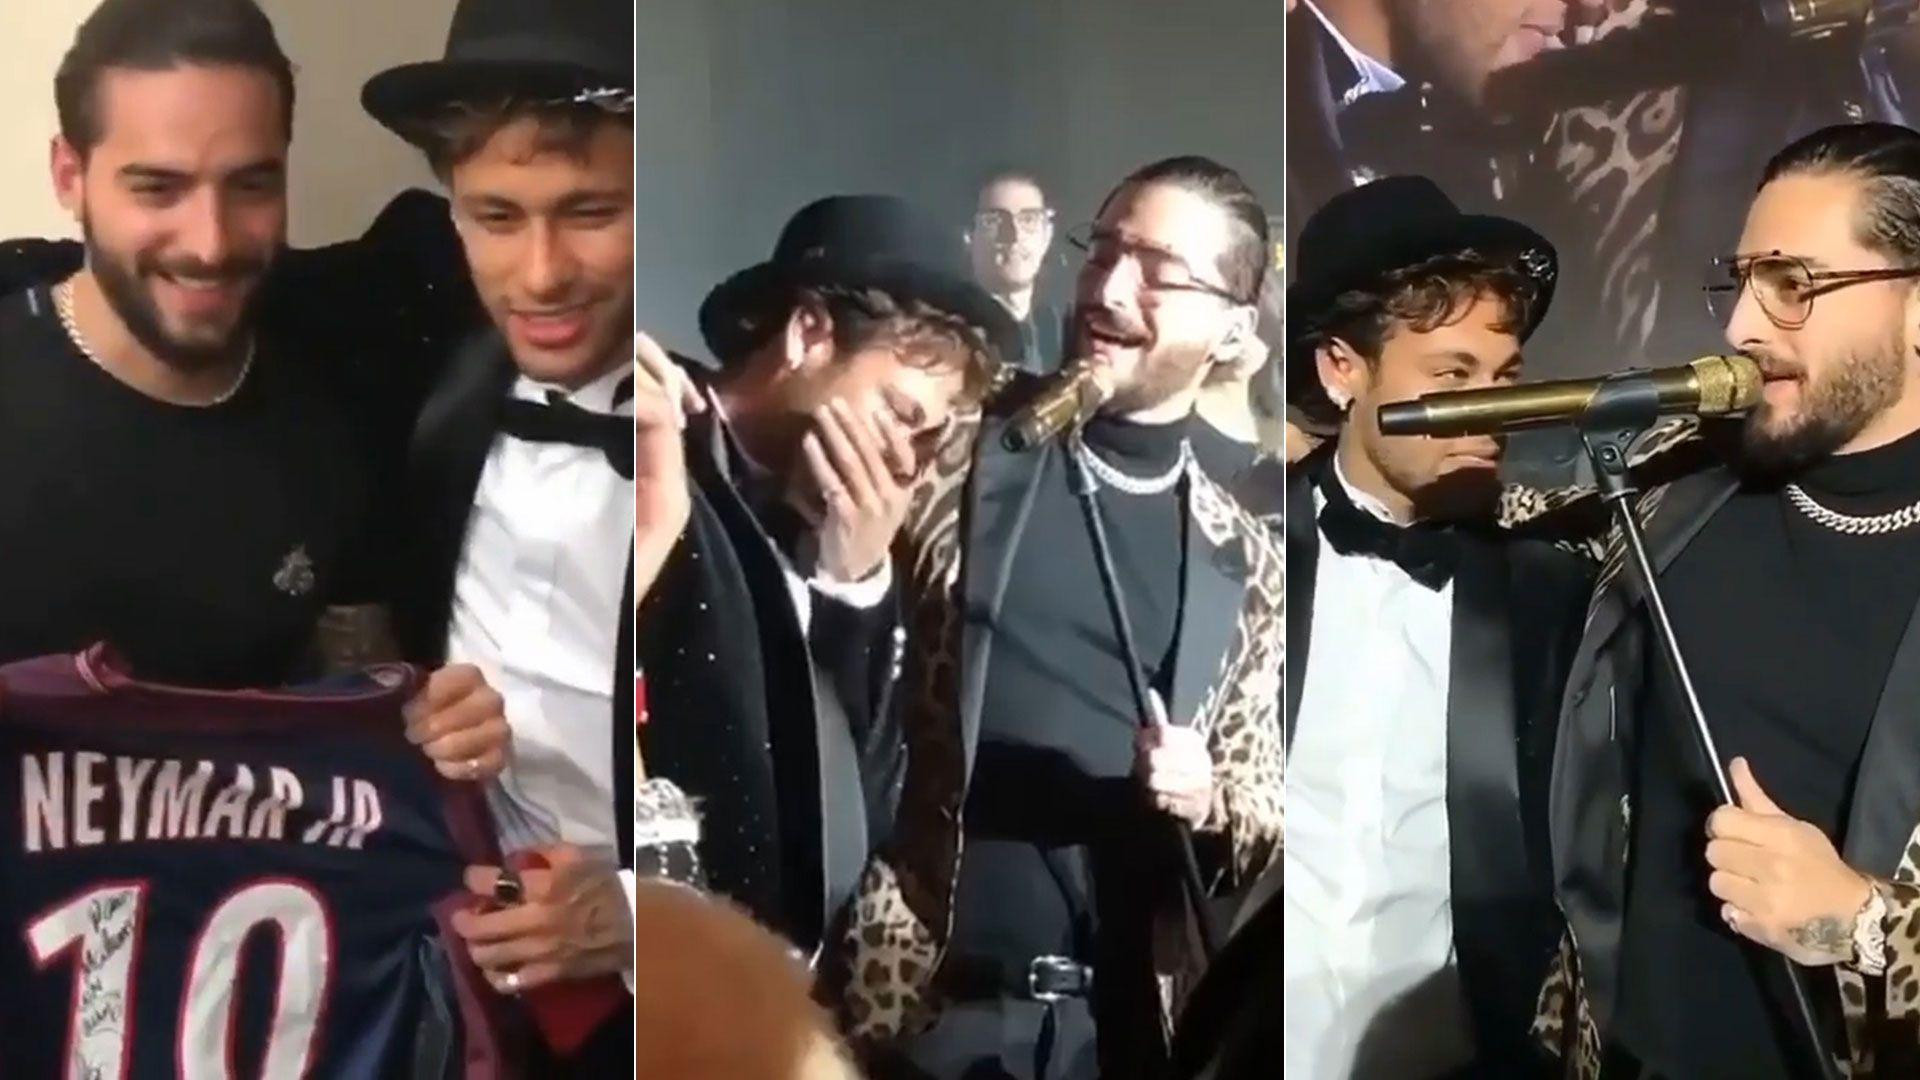 Imágenes de Maluma y Neymar juntos, antes de que se anunciara la relación del astro brasileño con Natalia Barulich, la ex novia del cantante